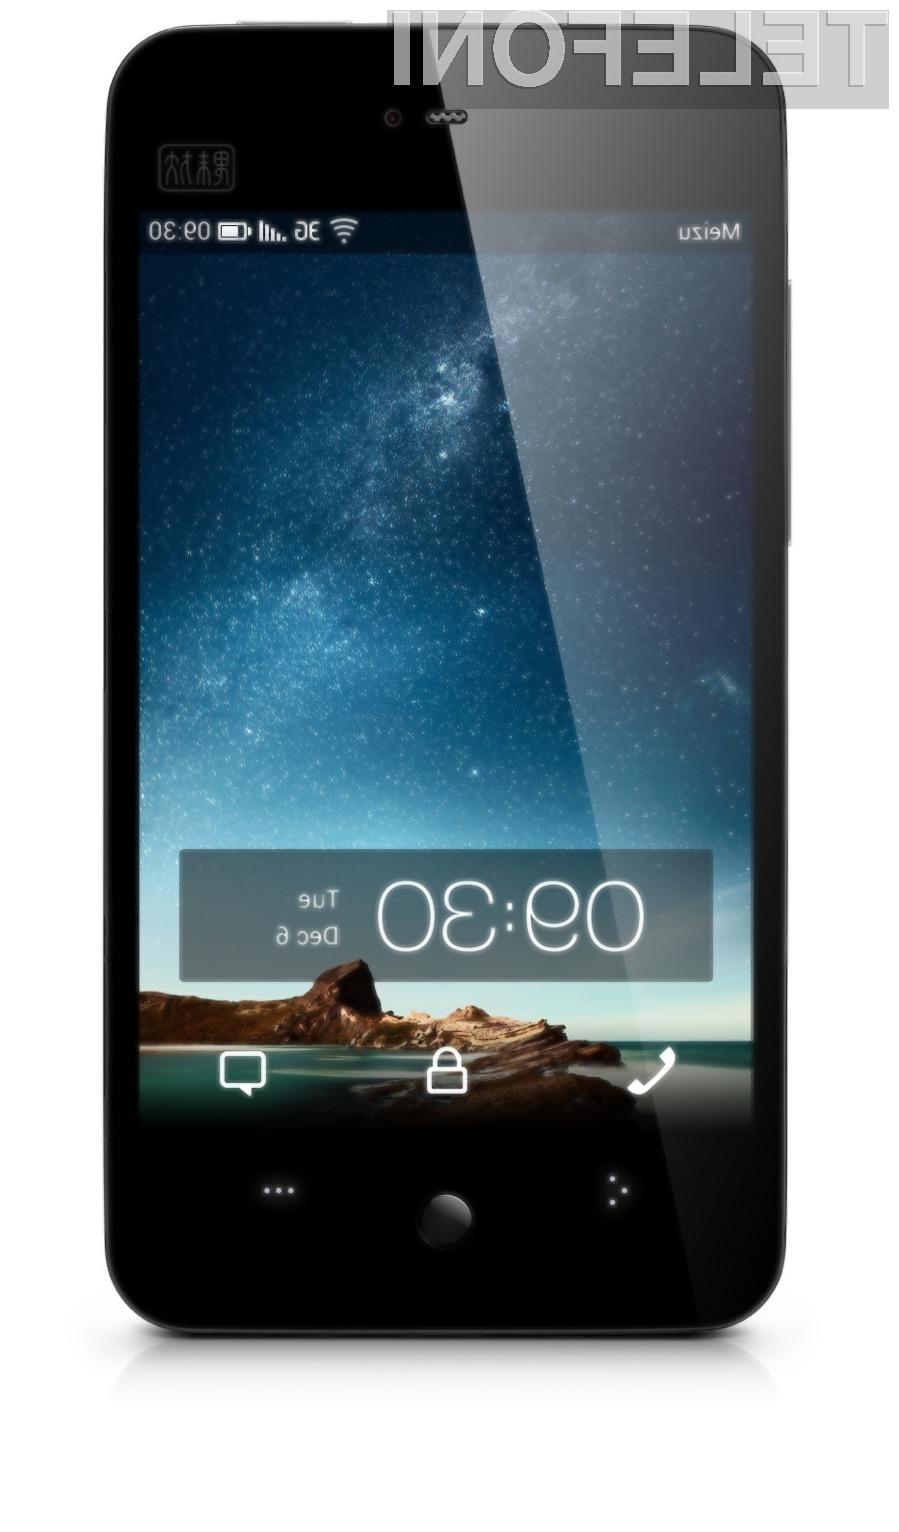 Meizu MX je precej drag Android pametni telefon za kitajsko tržišče (350 evrov).